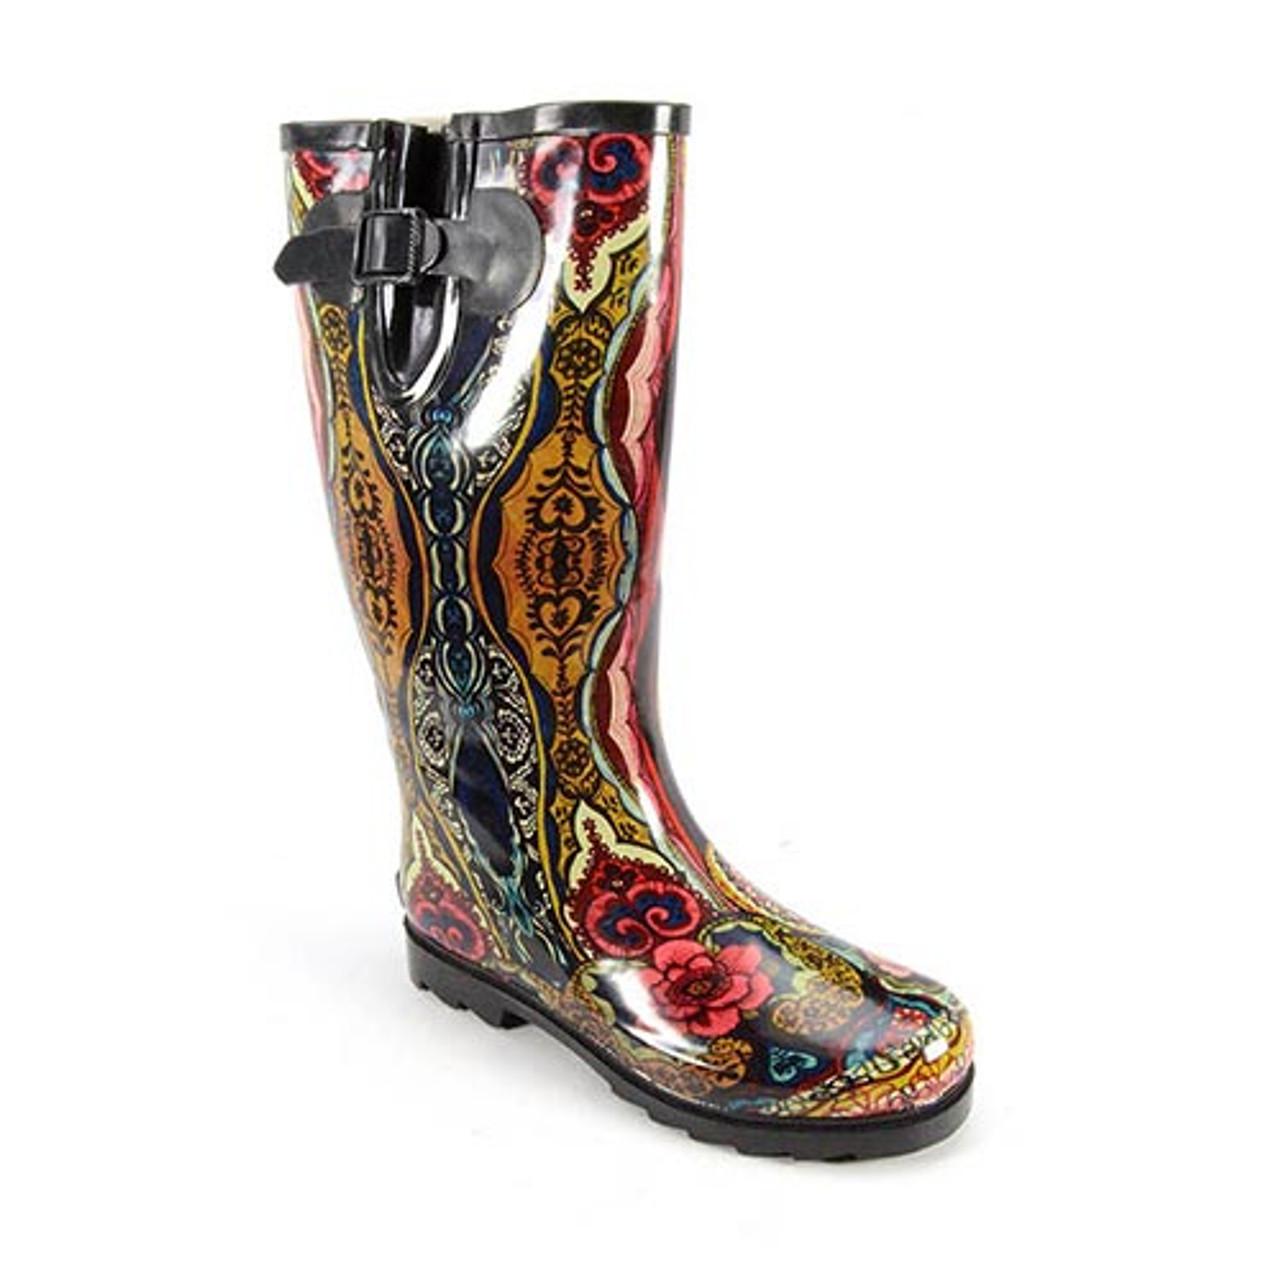 918692b4535 Corky's Women's Footwear - Sunshine - Victorian - Rain Boot